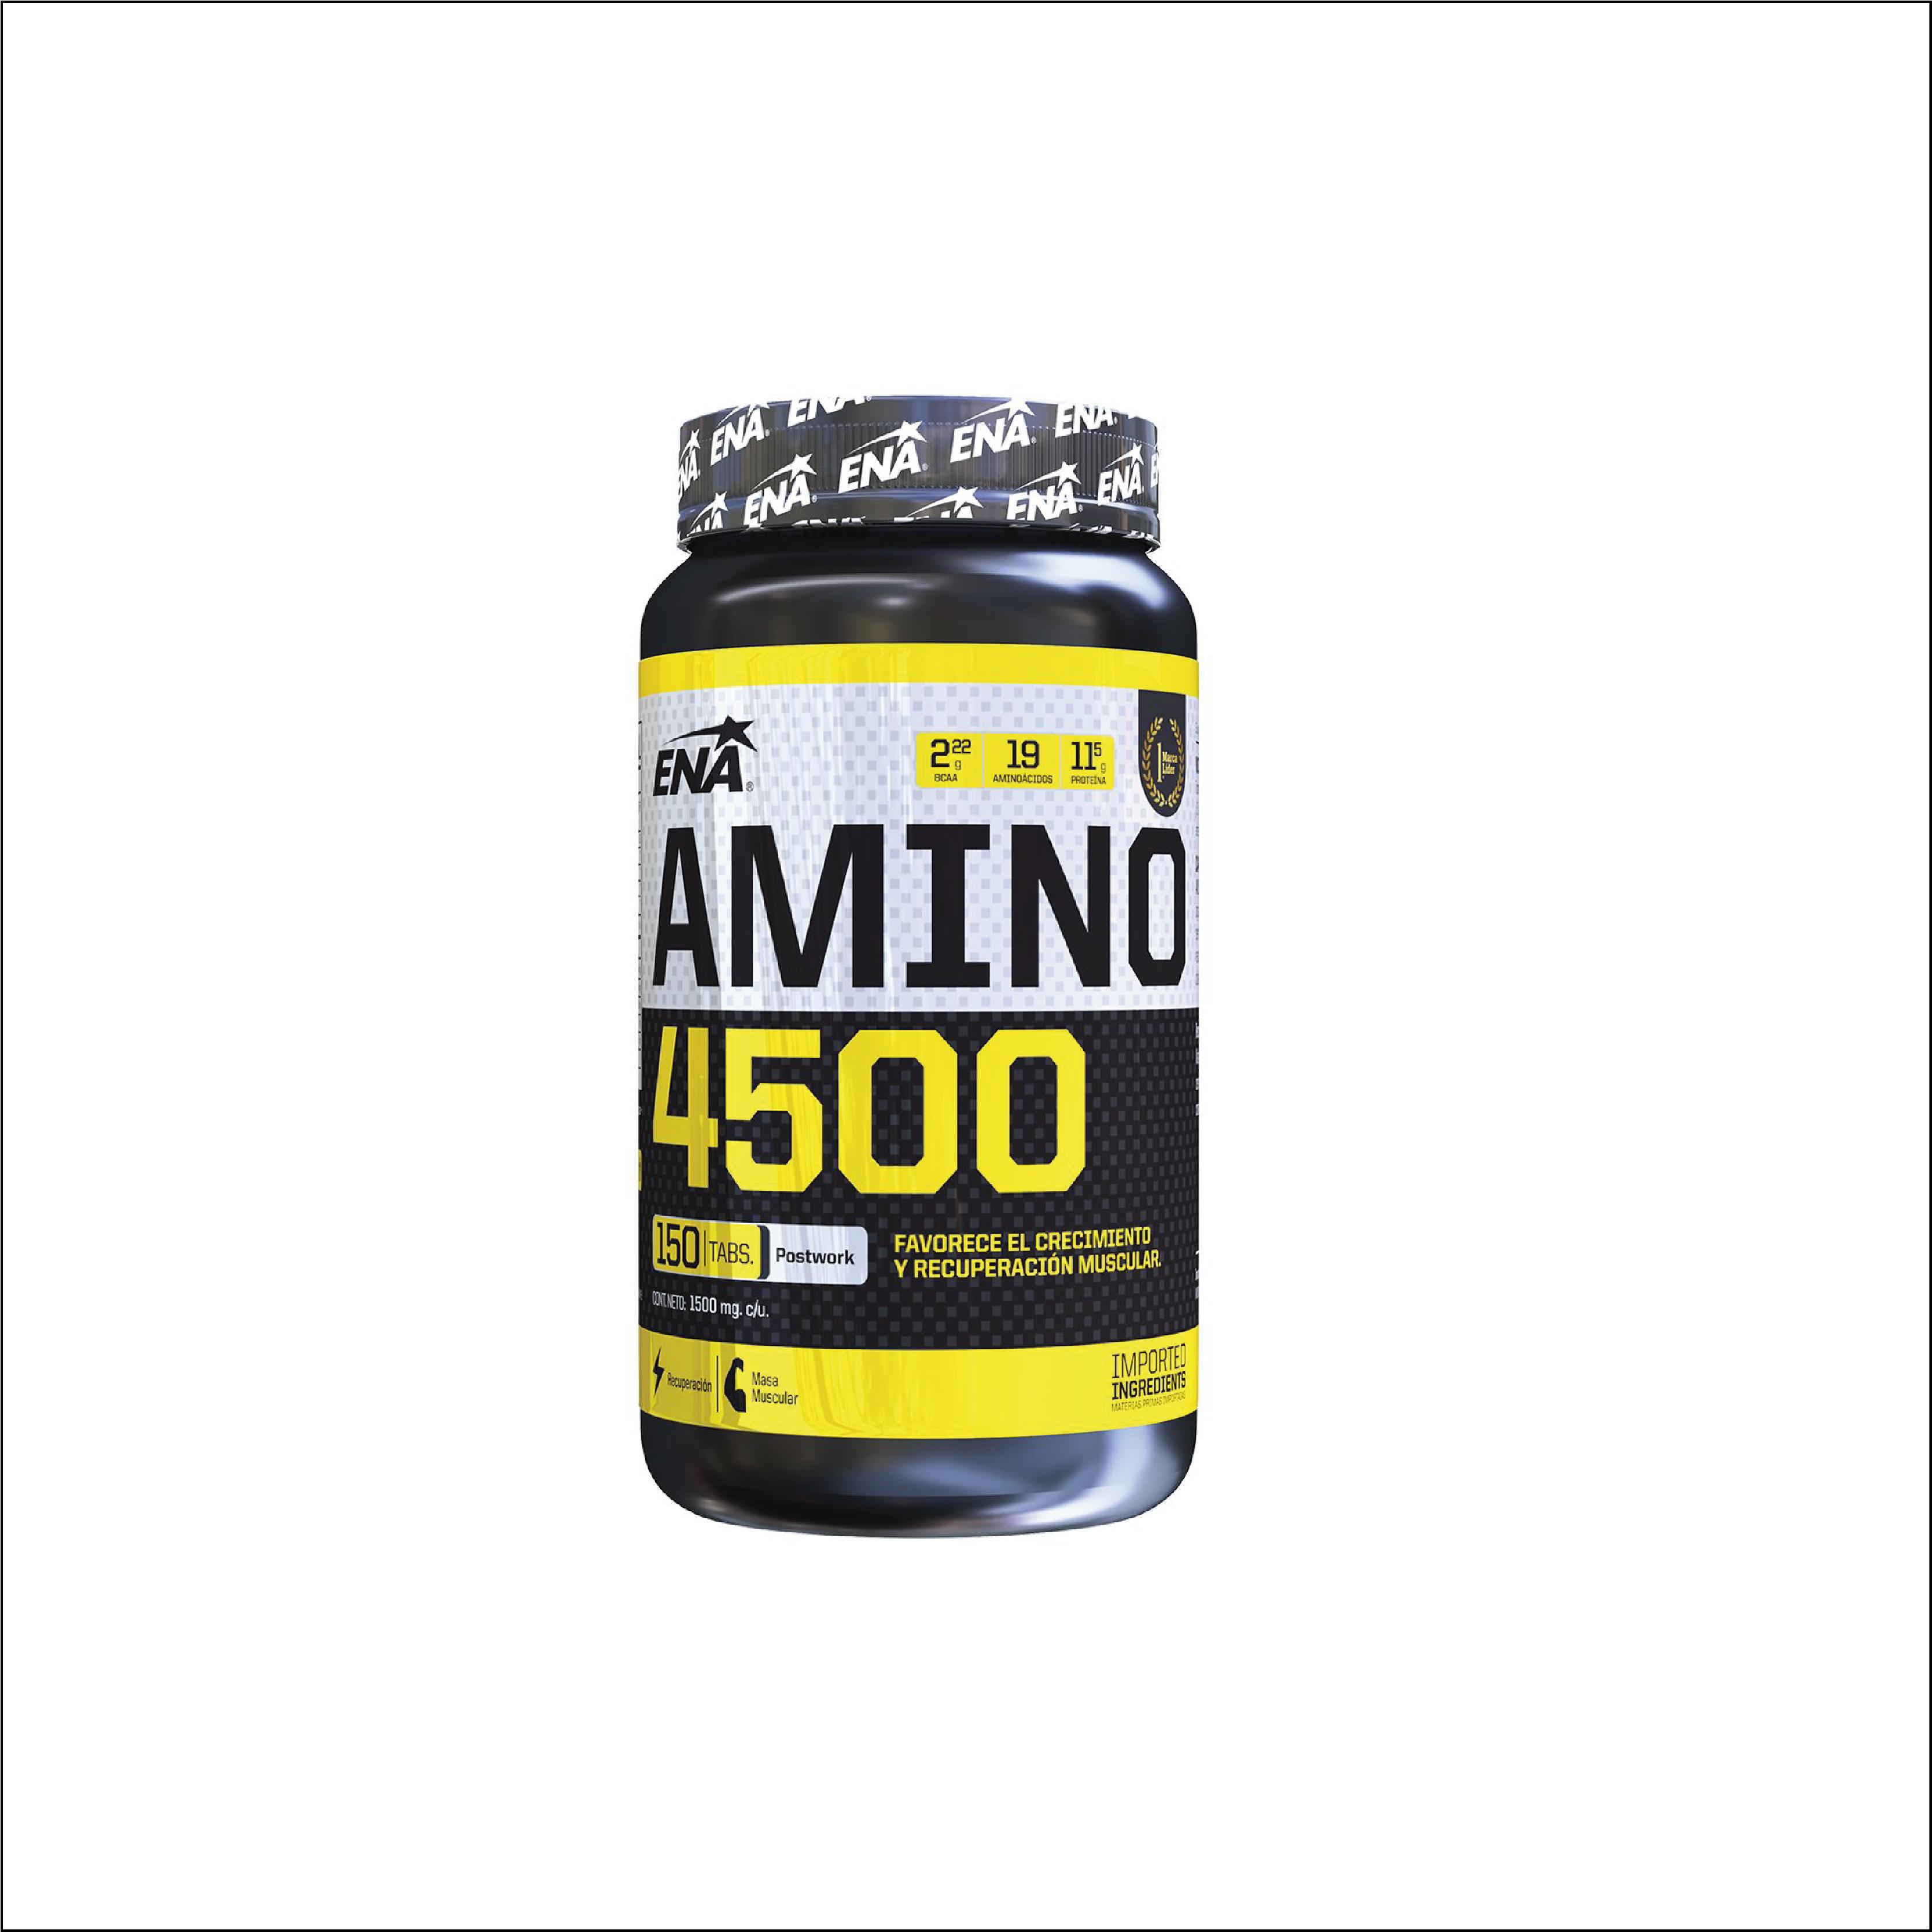 8 AMINO 4500 ENA